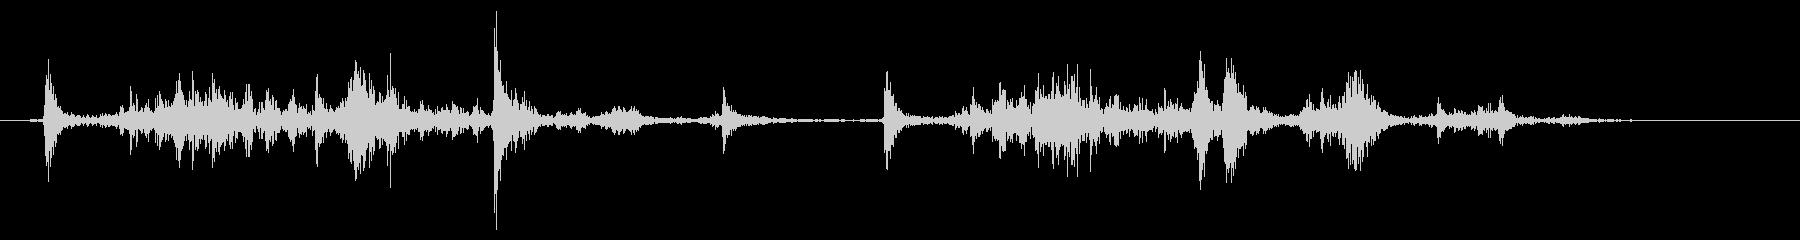 船外機のプルコードを2回引くの未再生の波形